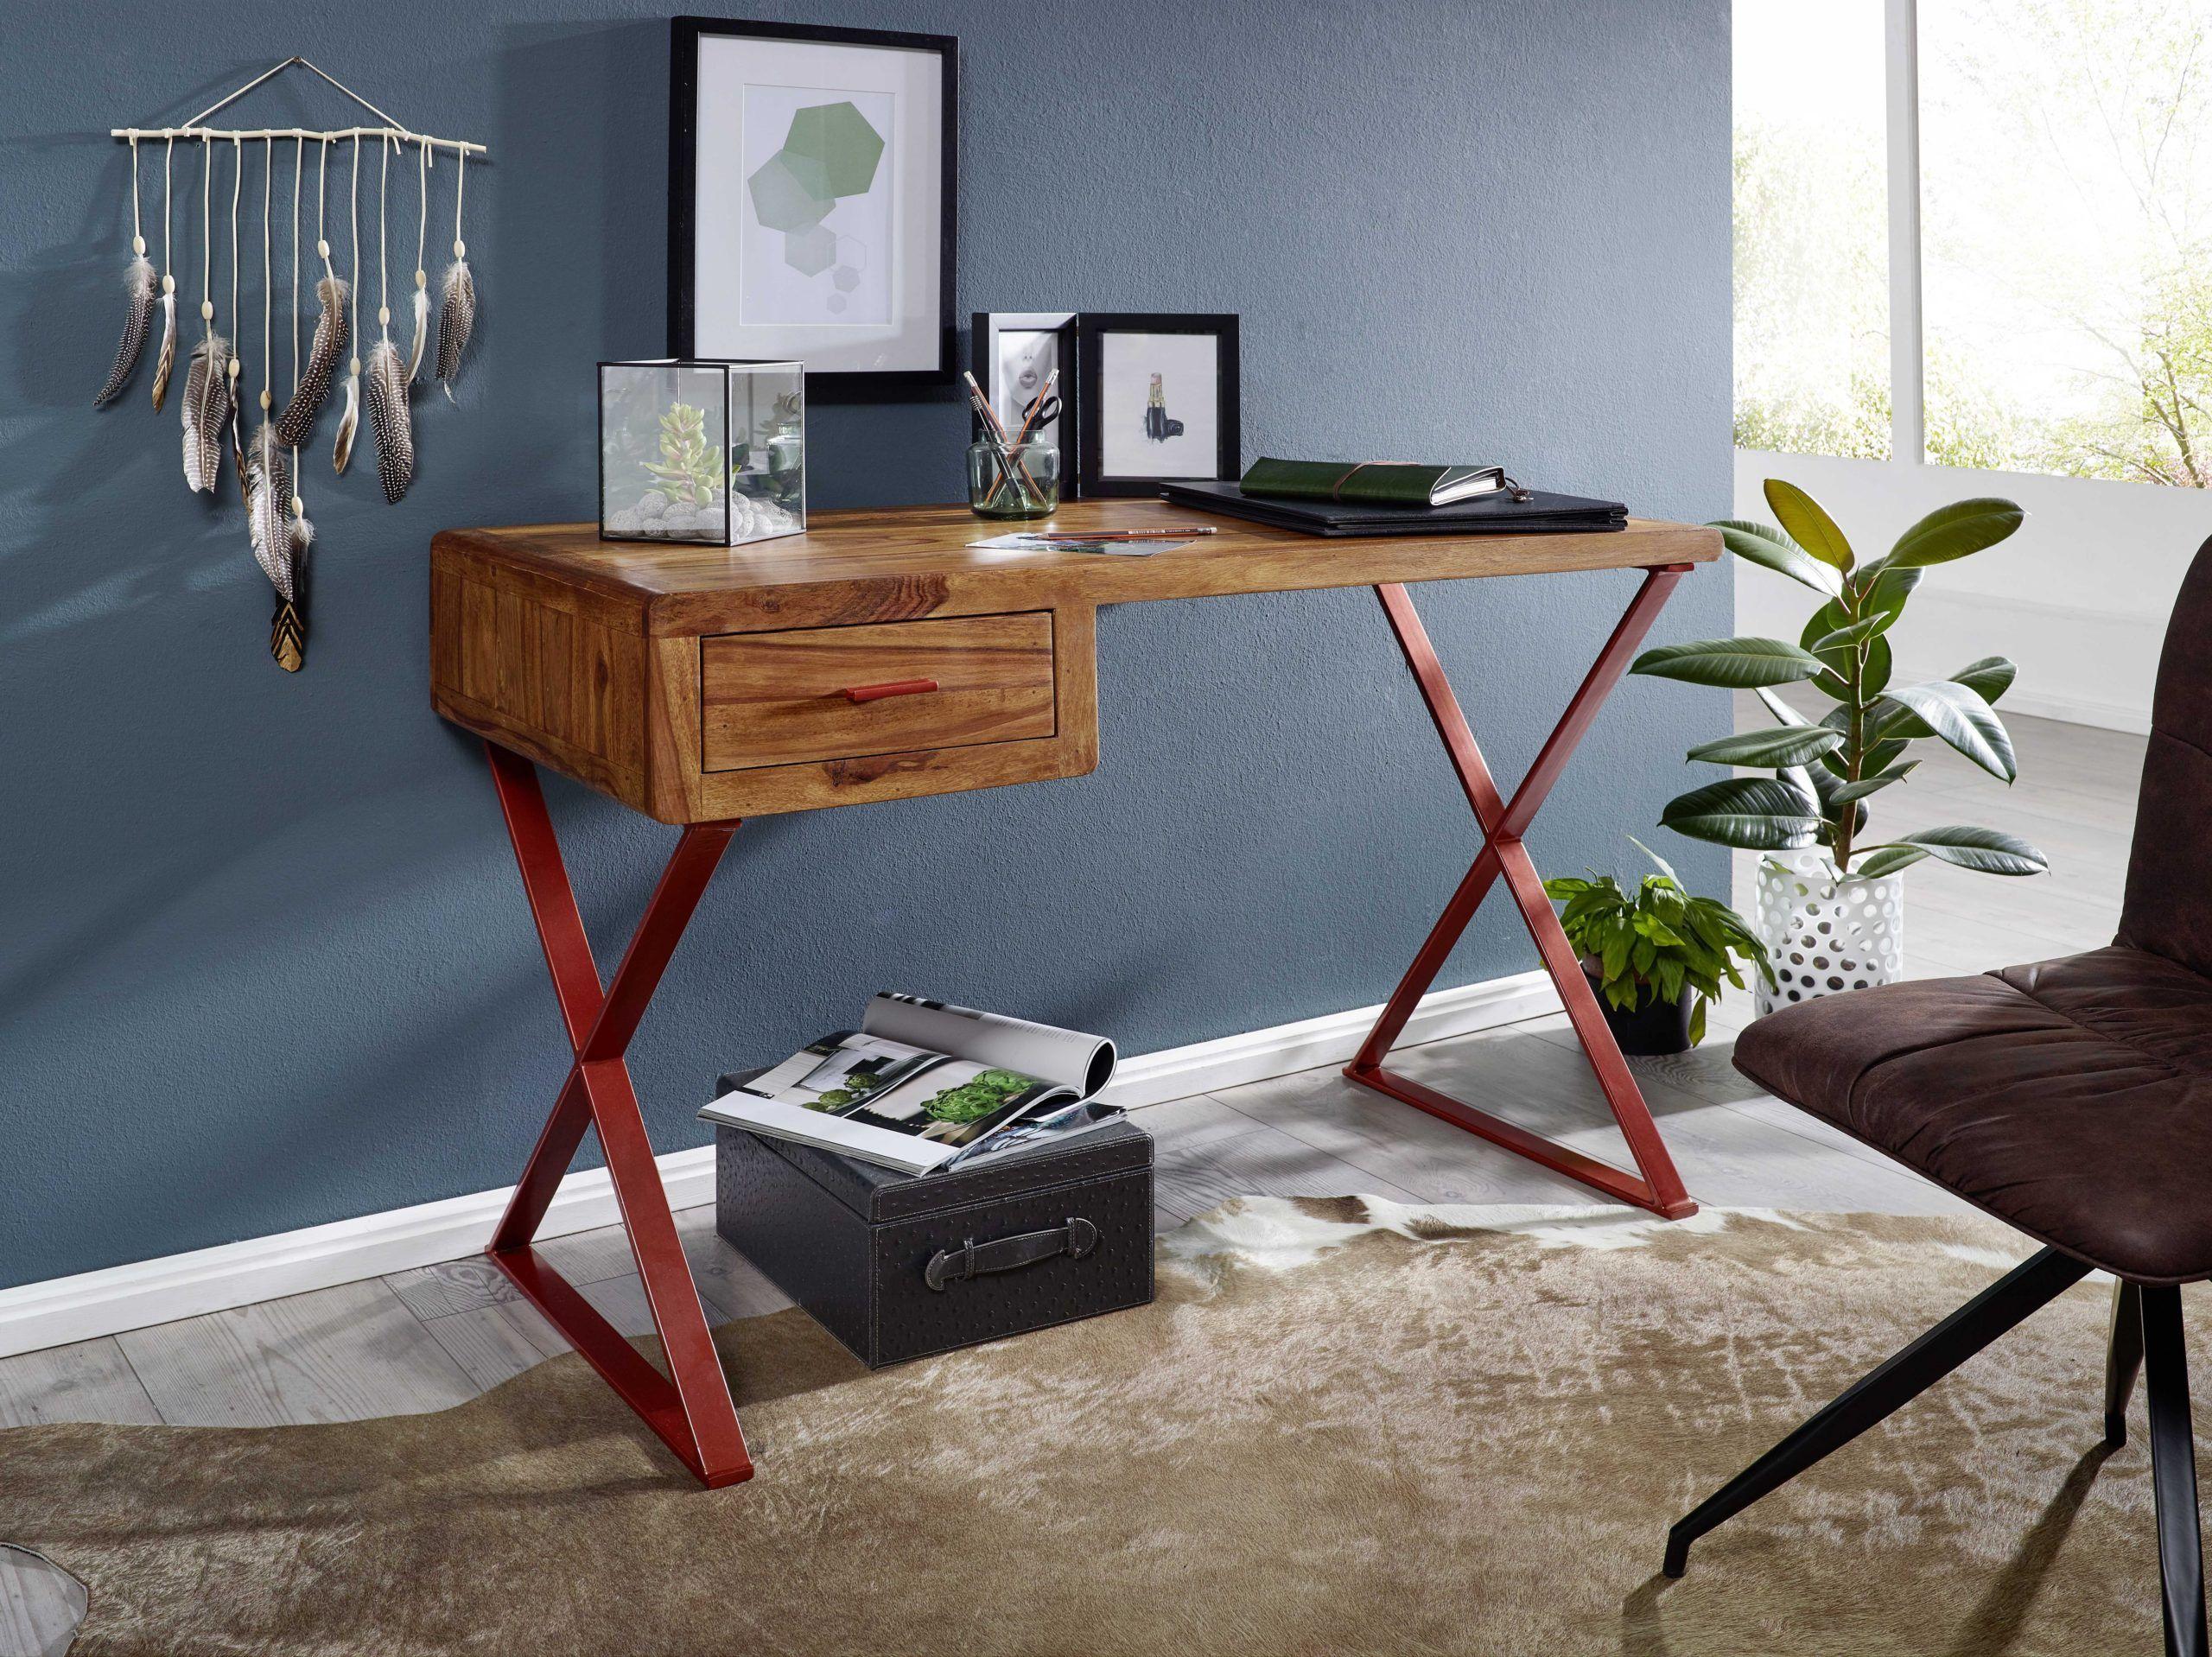 Wohnling Schreibtisch 118 Cm Wl5 671 Aus Sheesham Massivholz Und